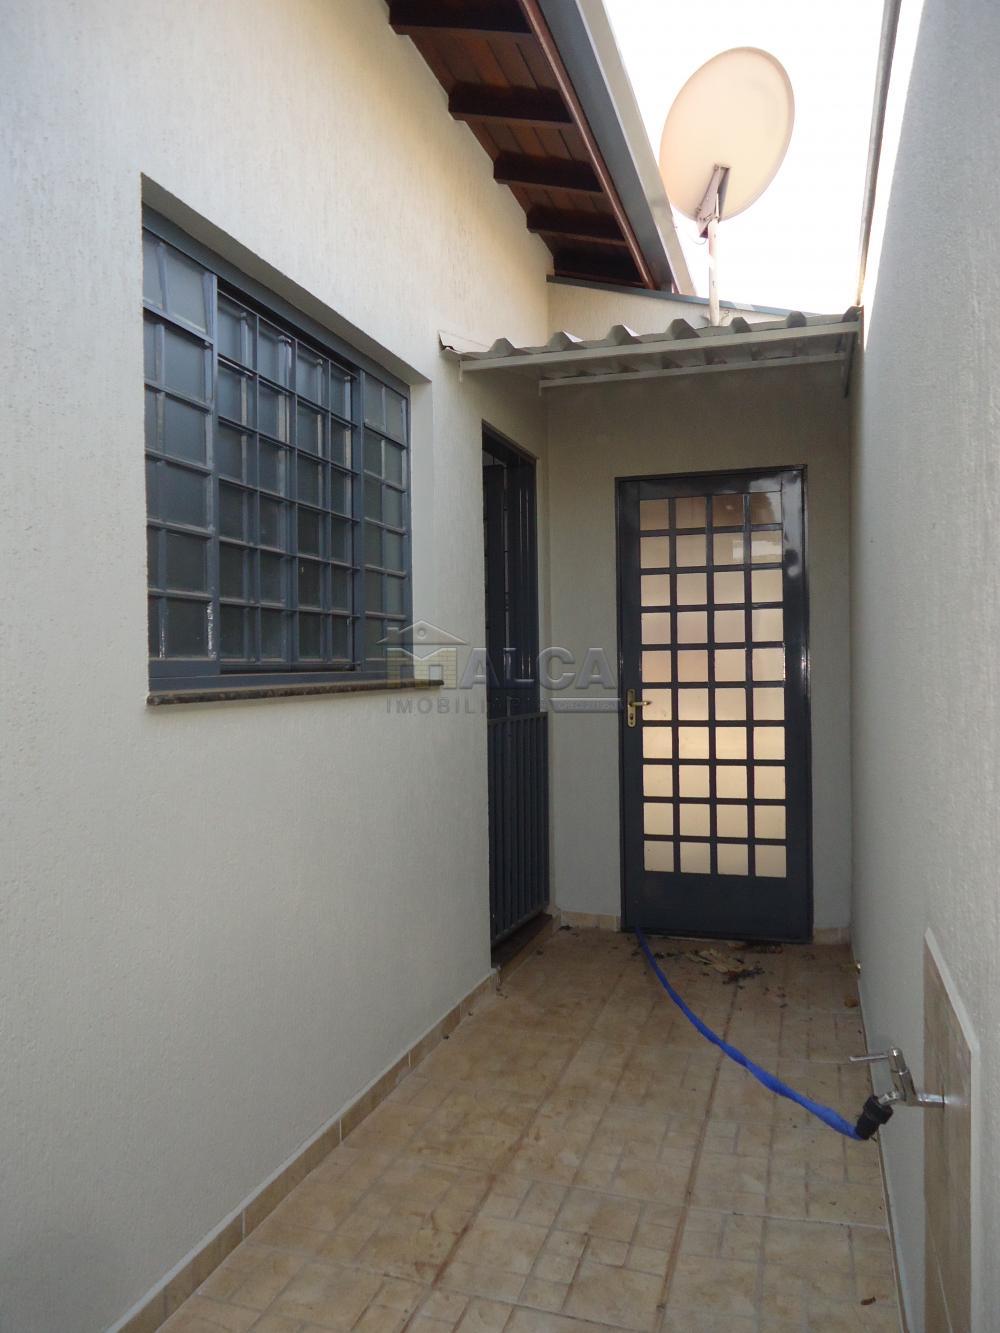 Alugar Casas / Padrão em São José do Rio Pardo apenas R$ 2.450,00 - Foto 40